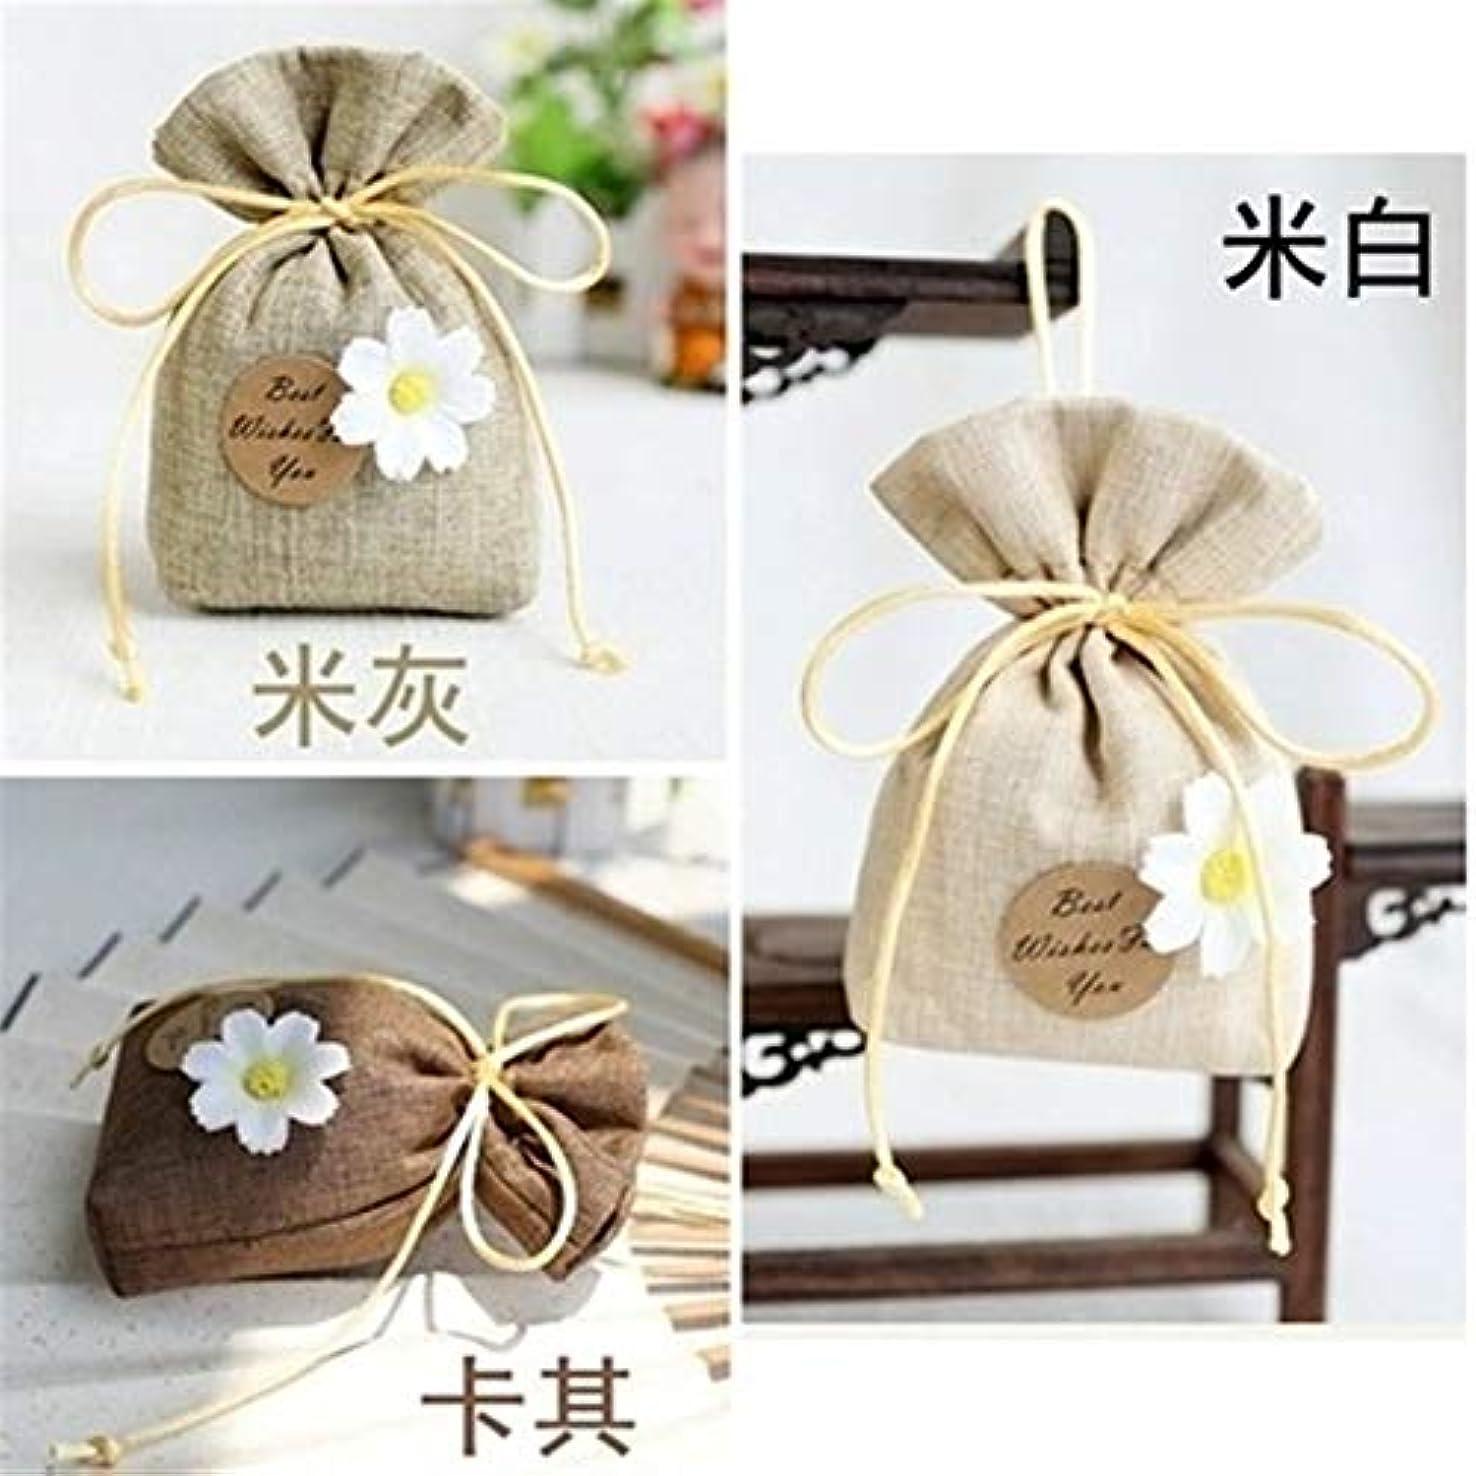 ベーシック磁石退屈なGardenia/Clove/Gulongの芳香の芳香の芳香剤の香料入りの磨き粉、ワードローブのための自然な芳香の芳香の芳香袋、車、 (Color : Khaki, Scent Type : Gardenia)